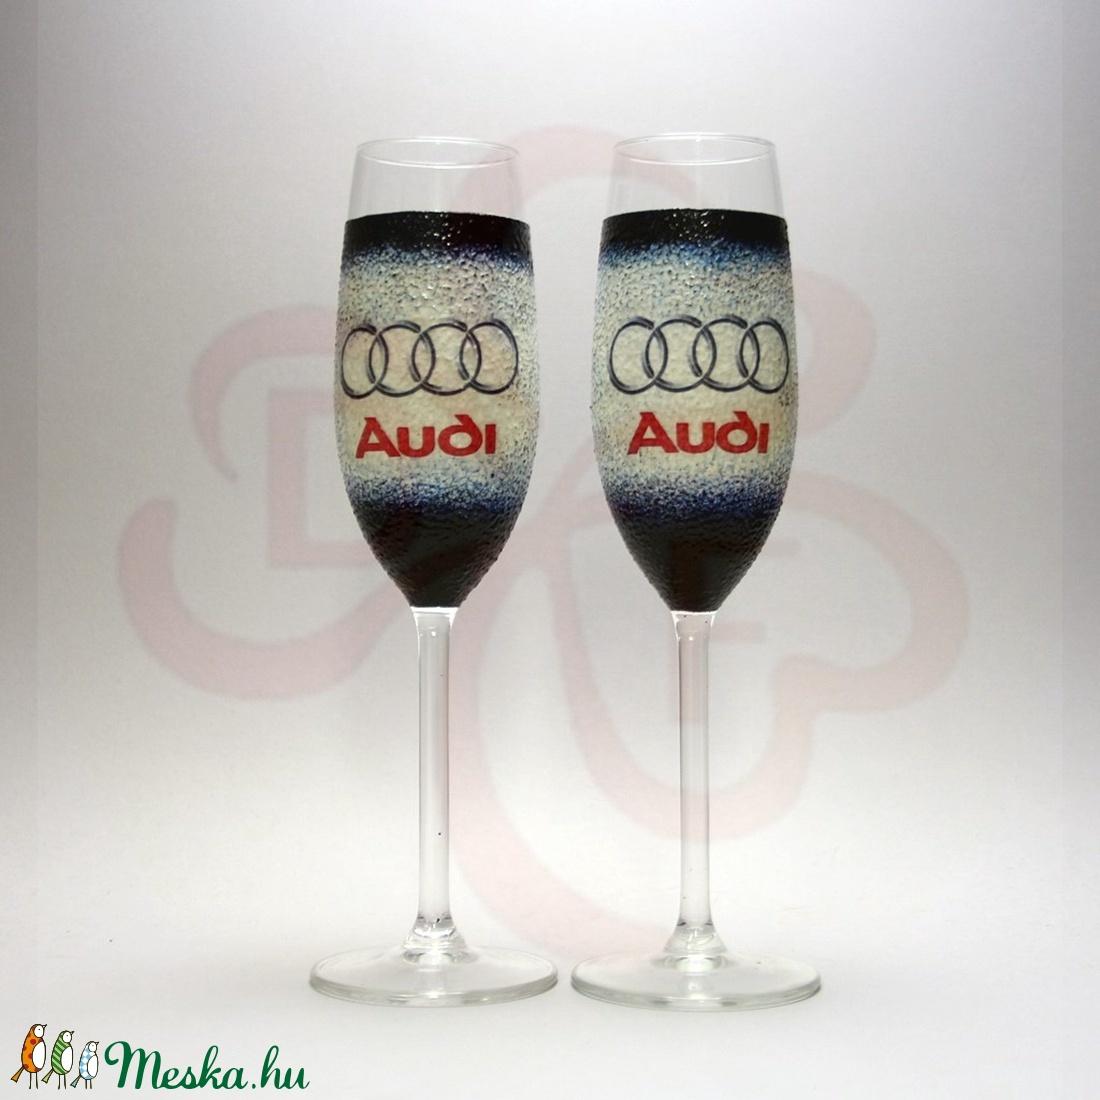 Audi pezsgőspohár ; Audi rajongóknak - Meska.hu